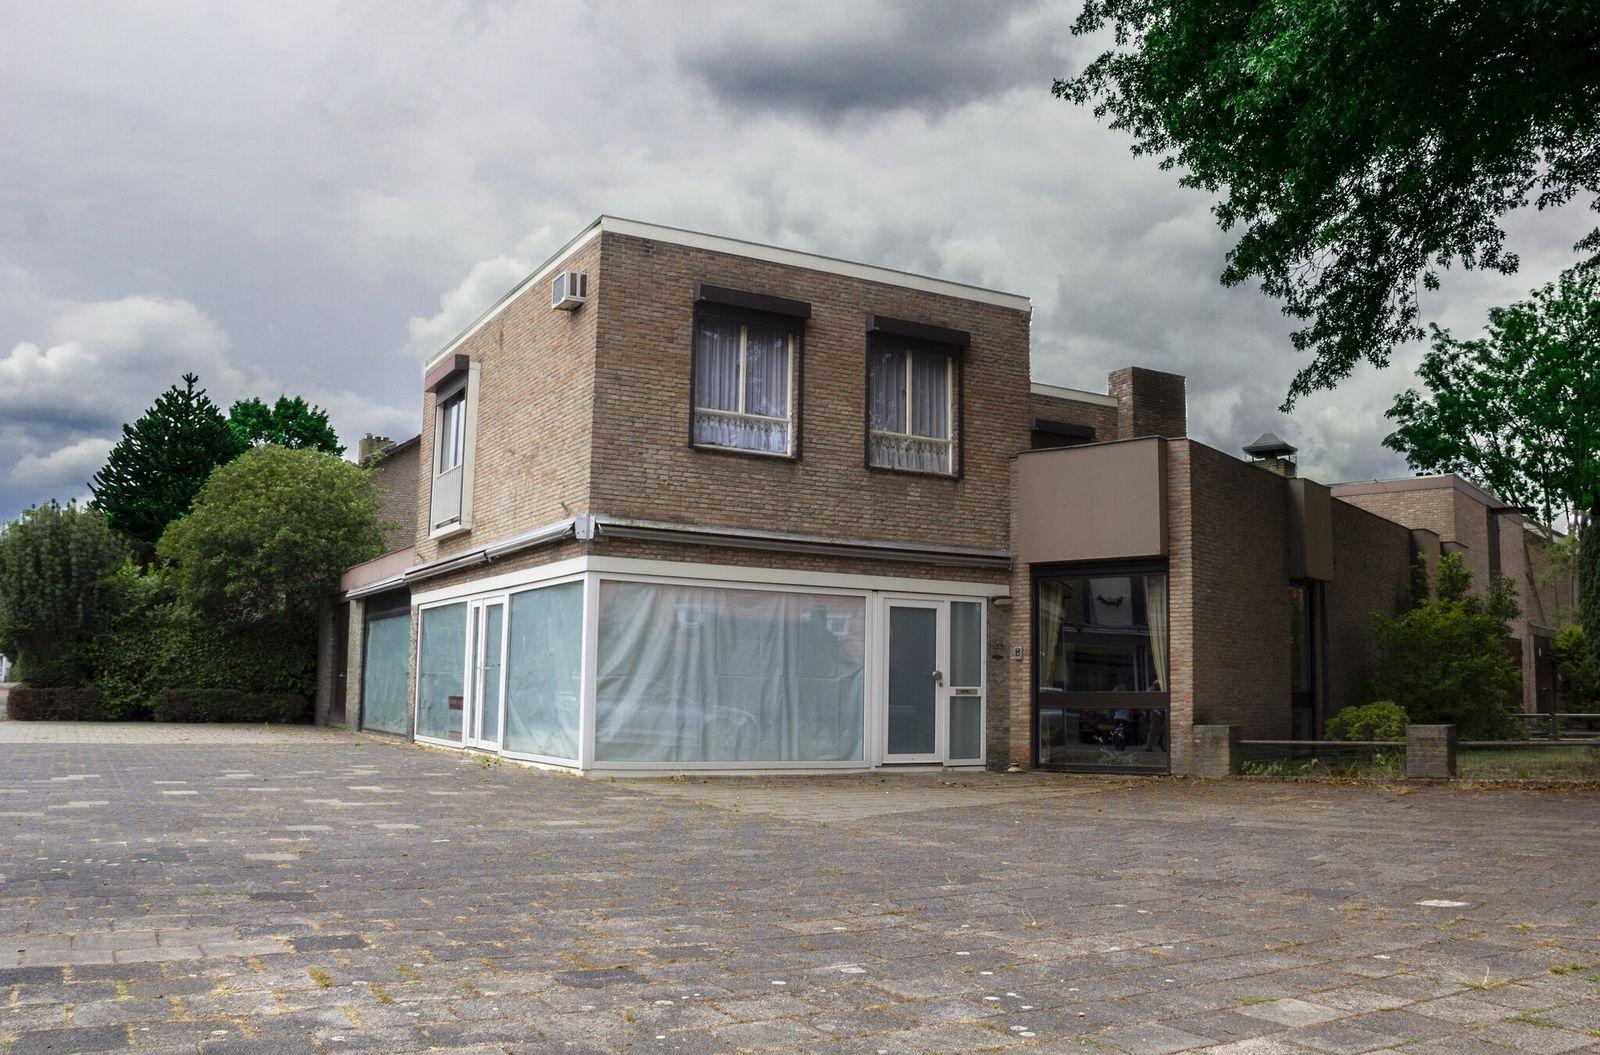 Lucas Gasselstraat 25, Helmond